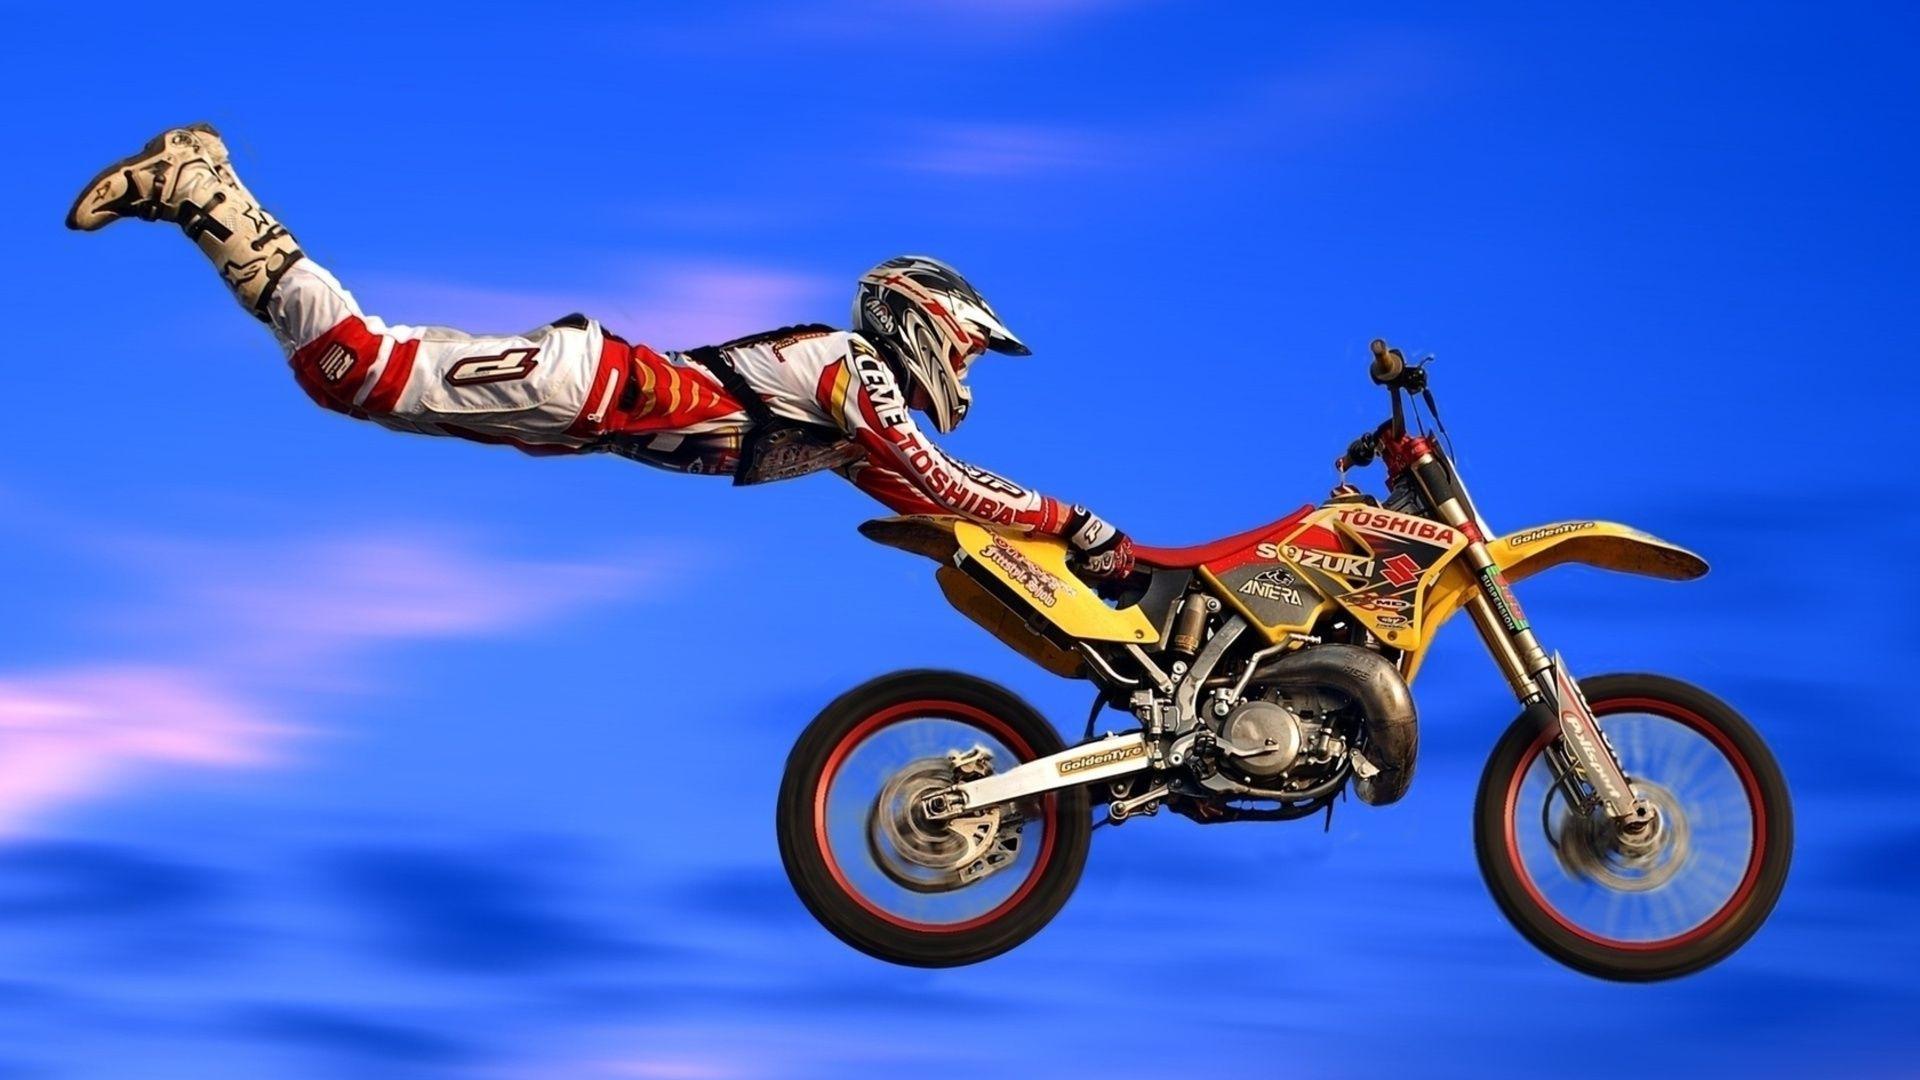 Dirt Bike Jumping Wallpapers - Top Free Dirt Bike Jumping